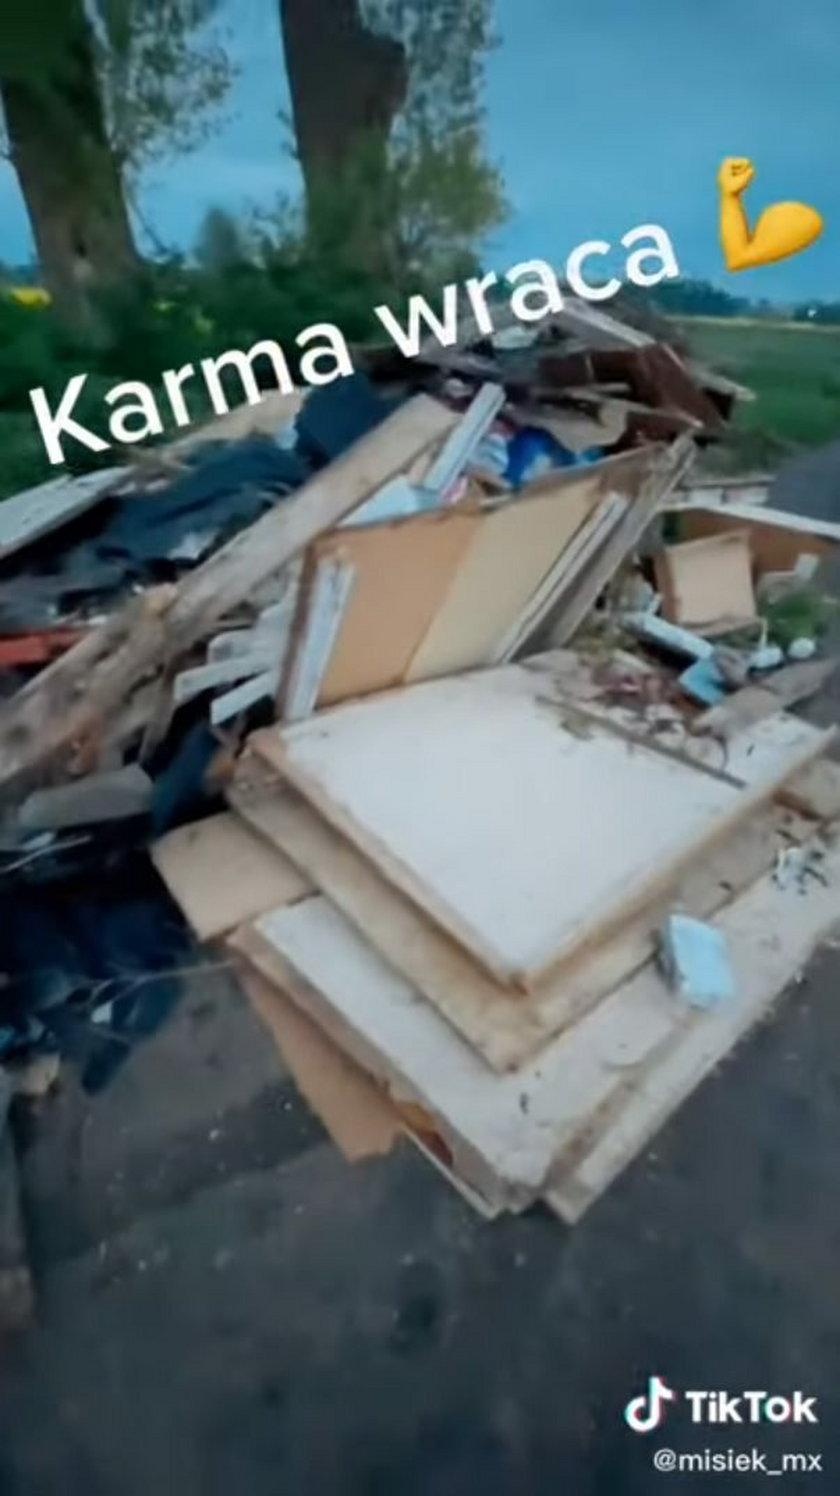 Pozbył się śmieci w lesie. TikToker wymierzył mu sprawiedliwość